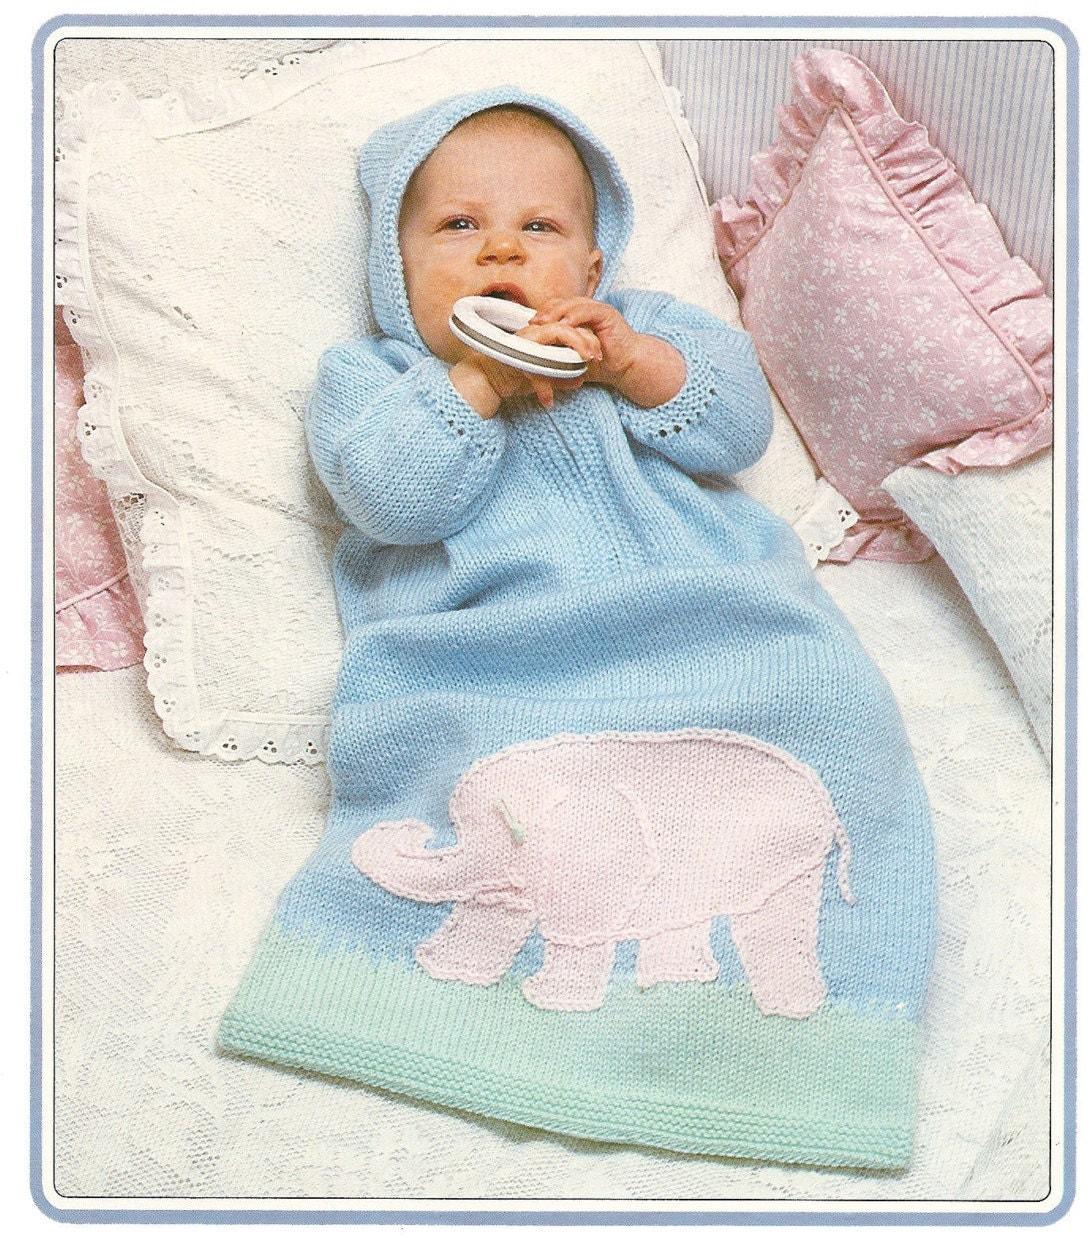 Baby Knitting Patterns Sleeping Bag : Knitting Pattern Baby Sleeping Bag Elephant Motif DK PDF